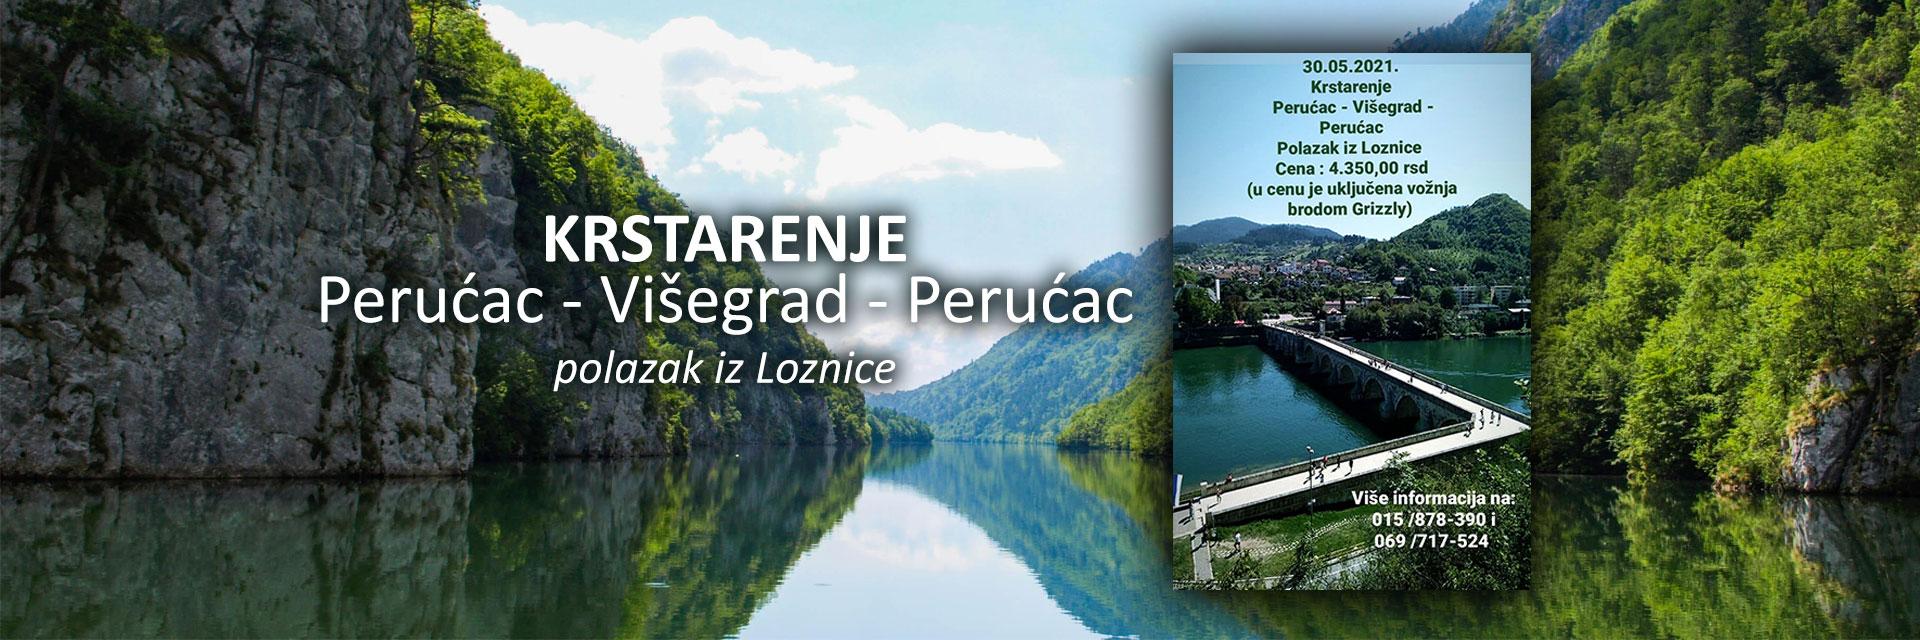 perucac2021slajd